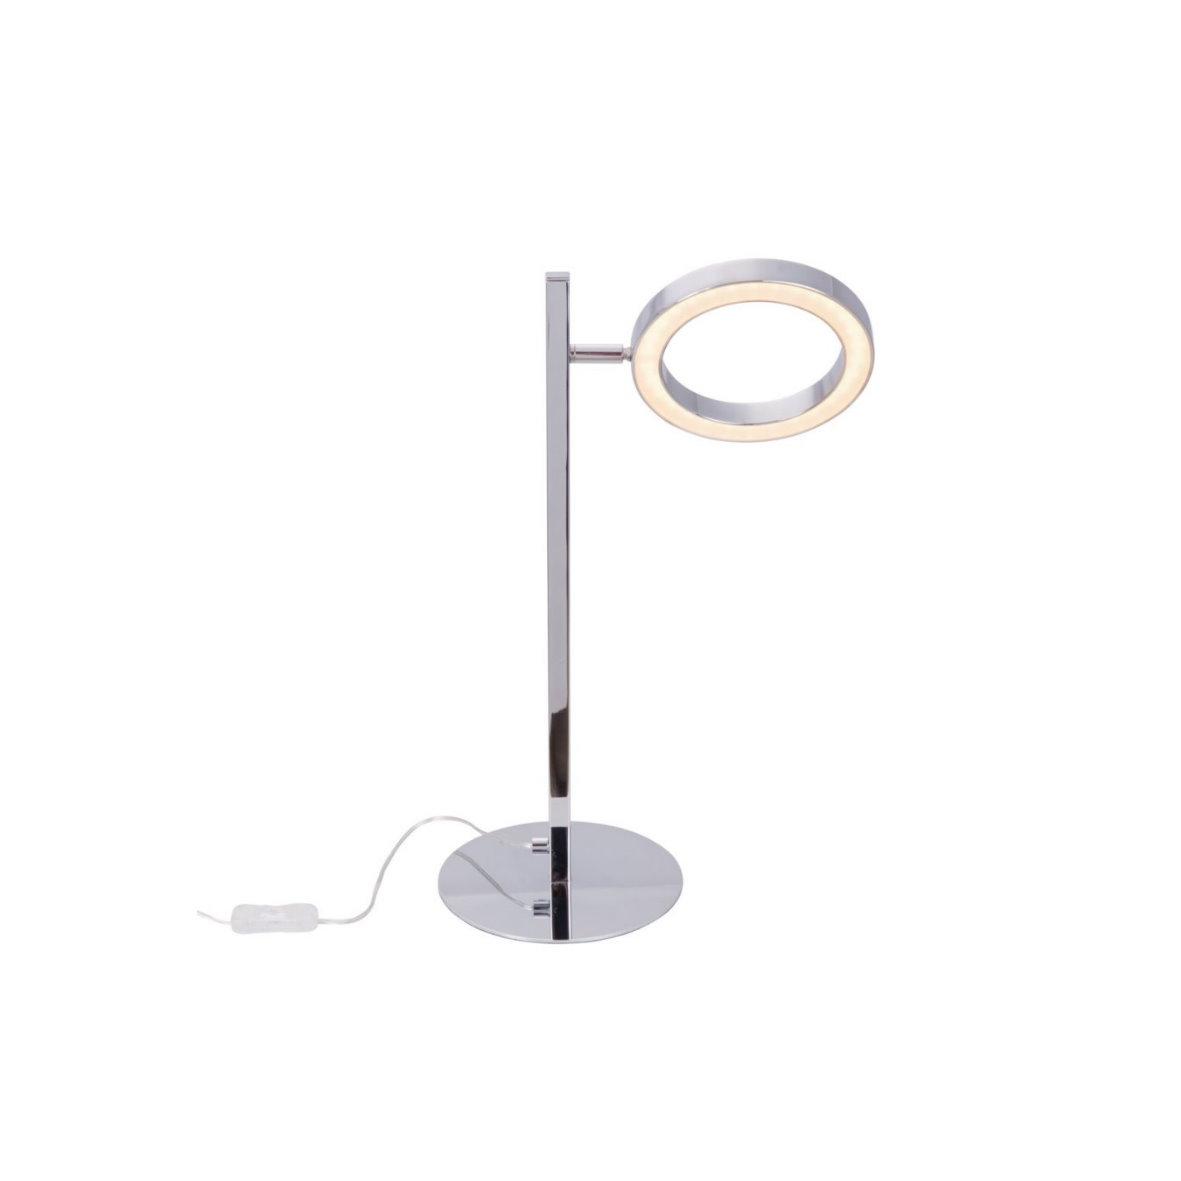 Led malmo leuchte serie strahler spot lampe decke for Deckenleuchte spot led